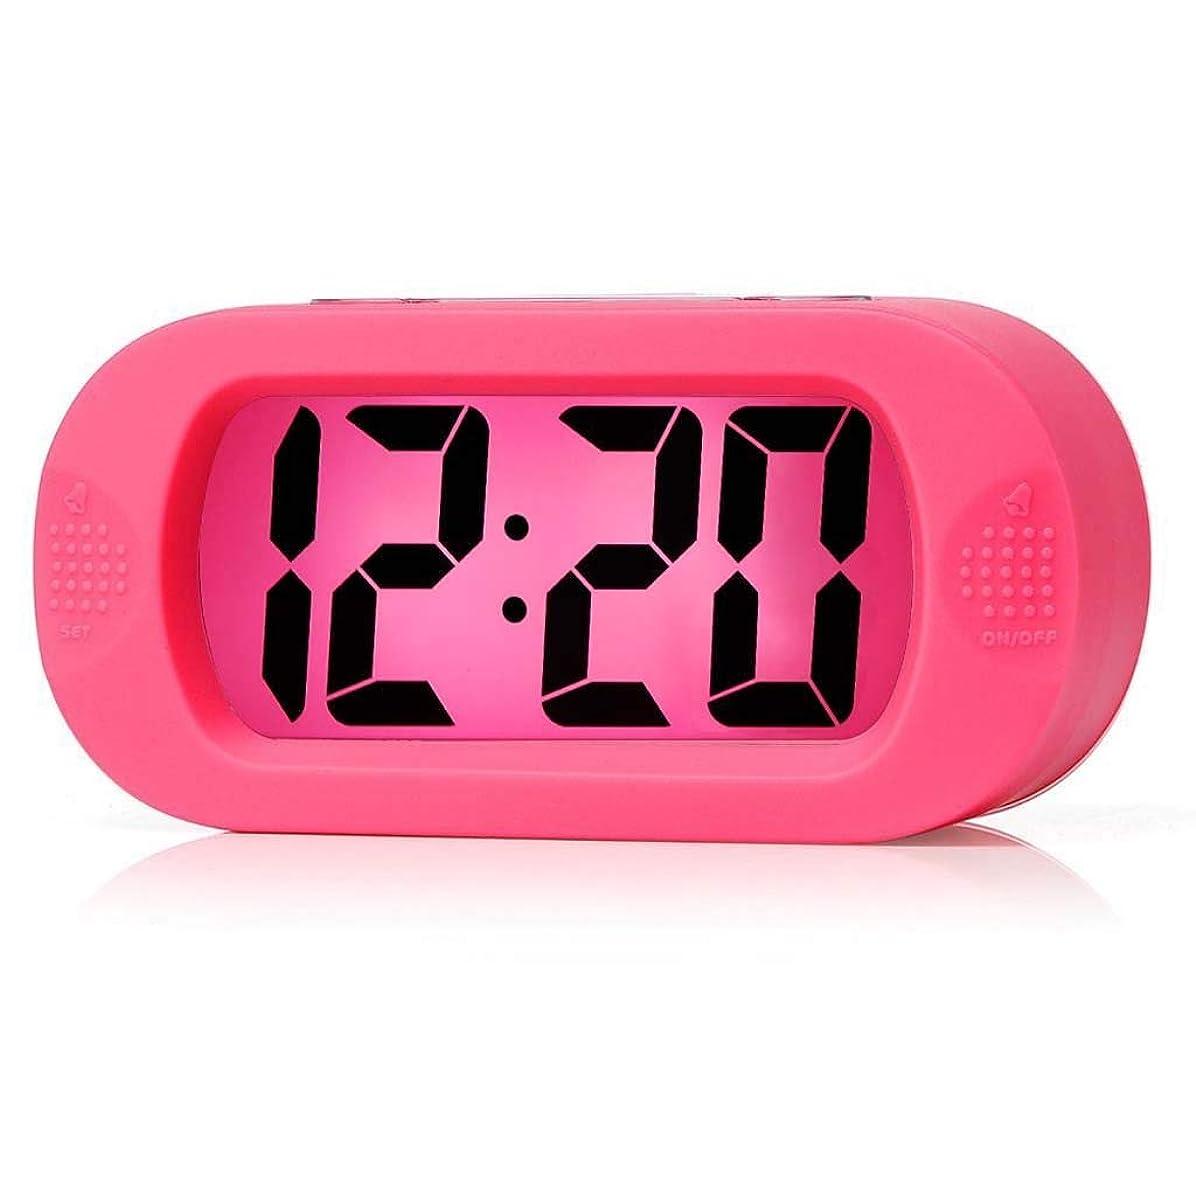 権限を与えるケニアしたいクリエイティブと汎用ファッション電子時計電子目覚まし時計ナイトライトアラーム/黒目覚まし時計電子時計 (色 : ピンク)